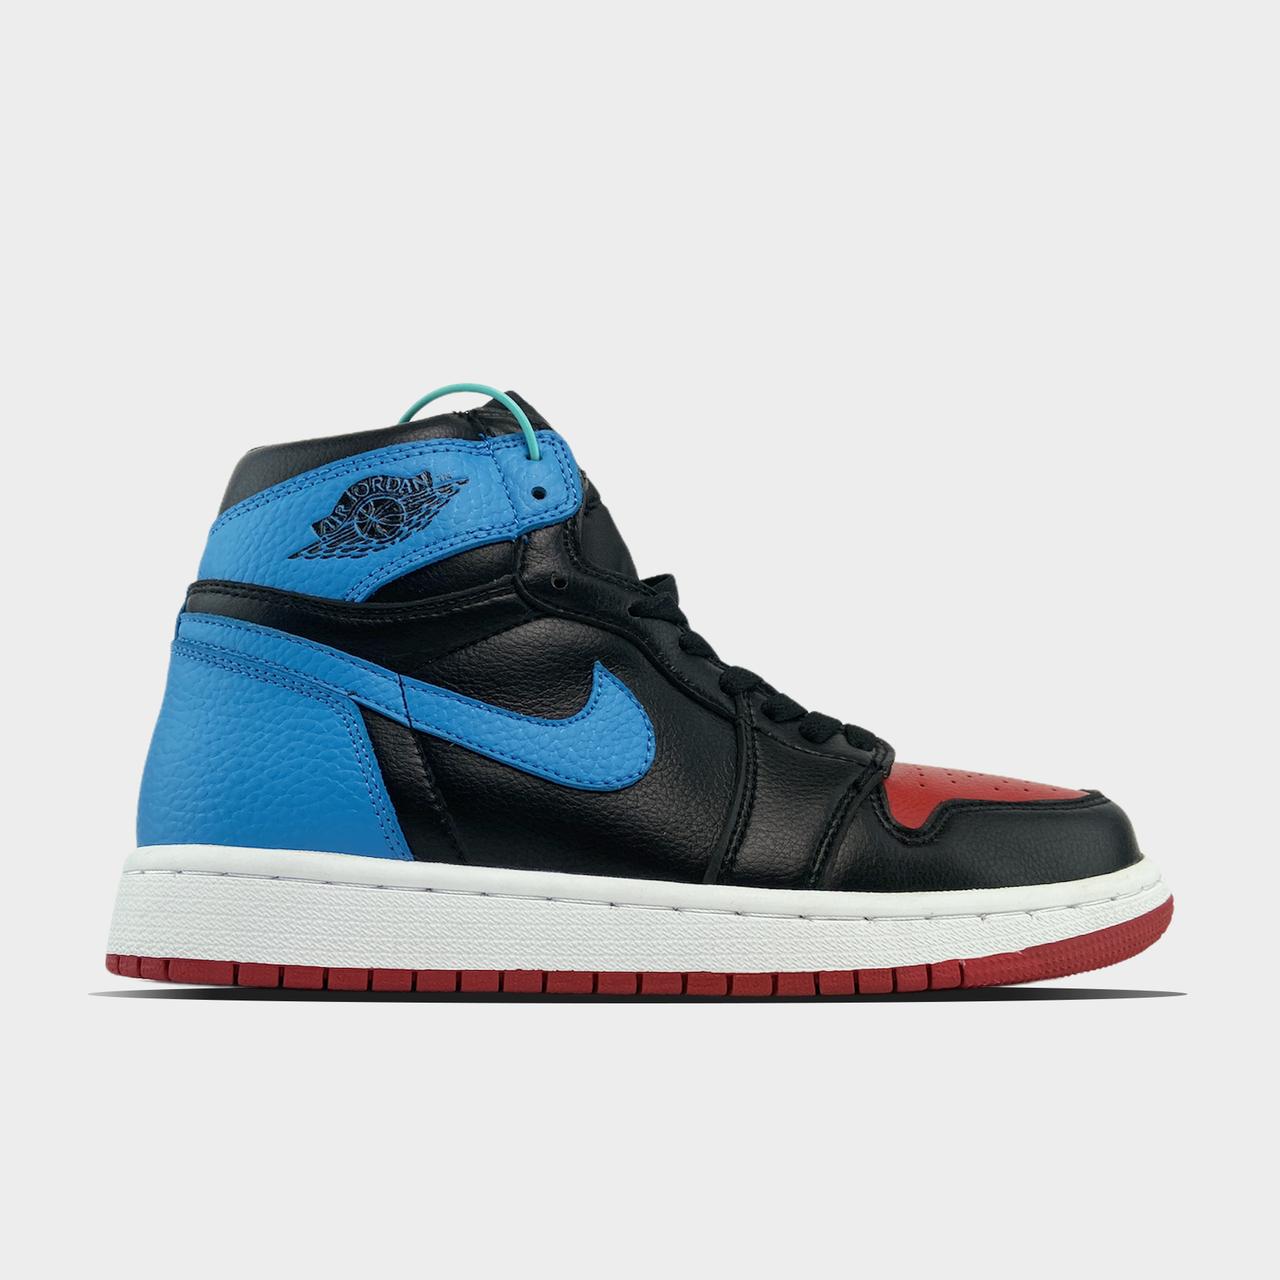 Nk, крос, обувь, взуття, sneakers, шузы, Air Jordan 1 Retro High NC to Chicago (Черный Синий)